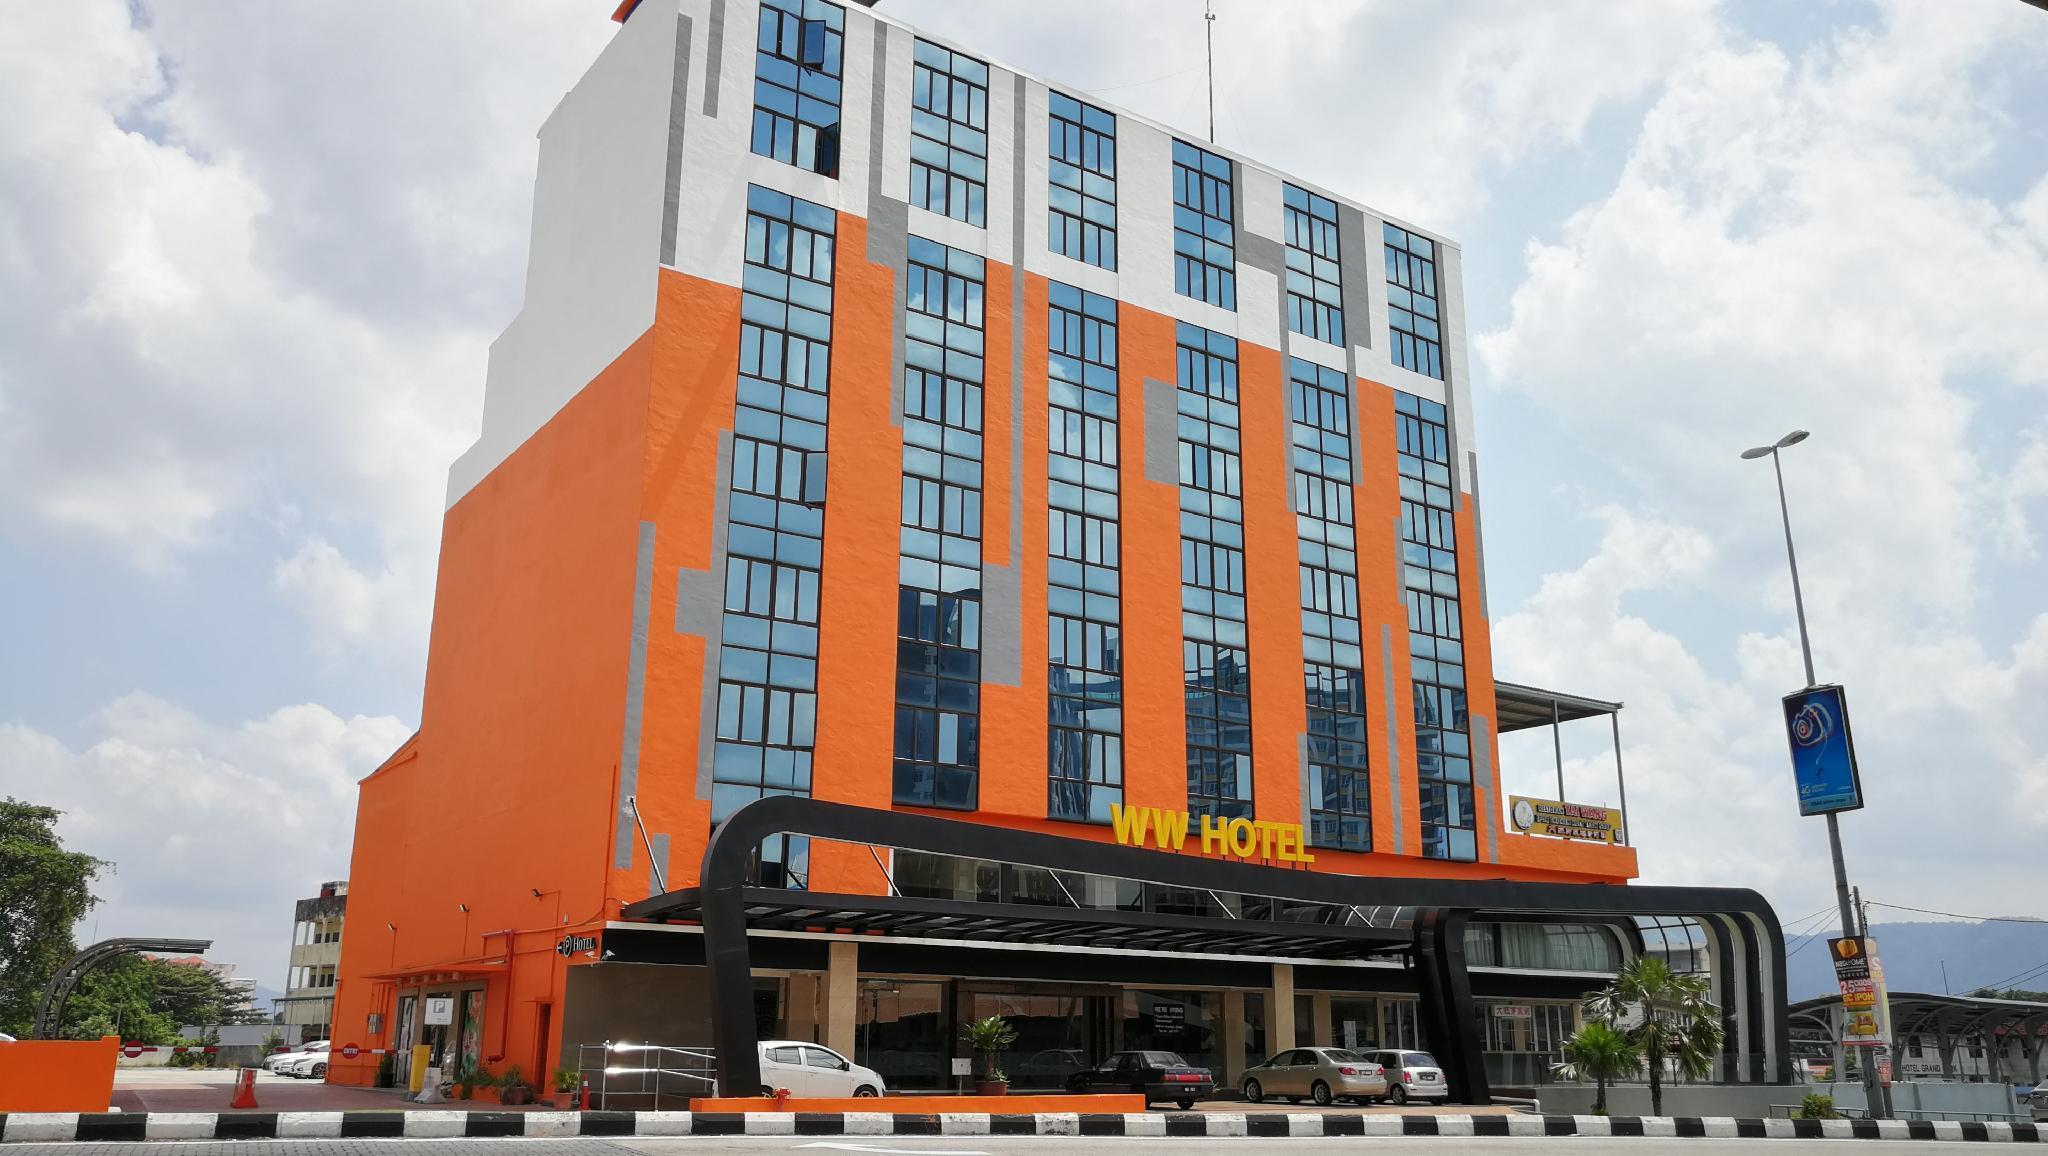 WW Hotel, Kinta